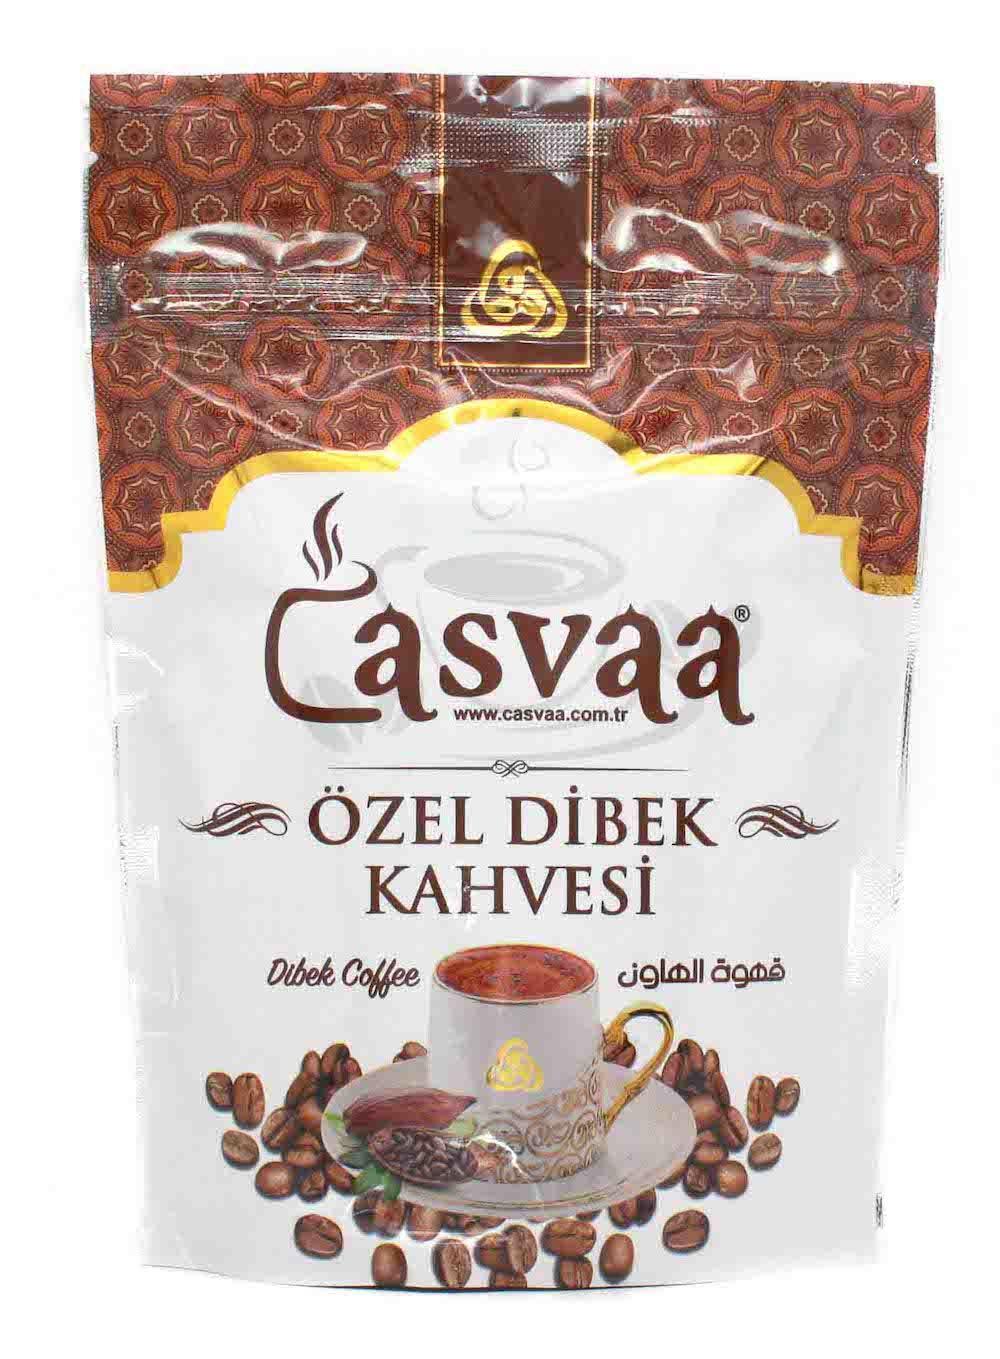 Кофейный напиток Турецкий кофе молотый с добавлением кардамона, Casvaa, 200 г import_files_b4_b4e4e9e13ea211eba9db484d7ecee297_91422d95406011eba9db484d7ecee297.jpg